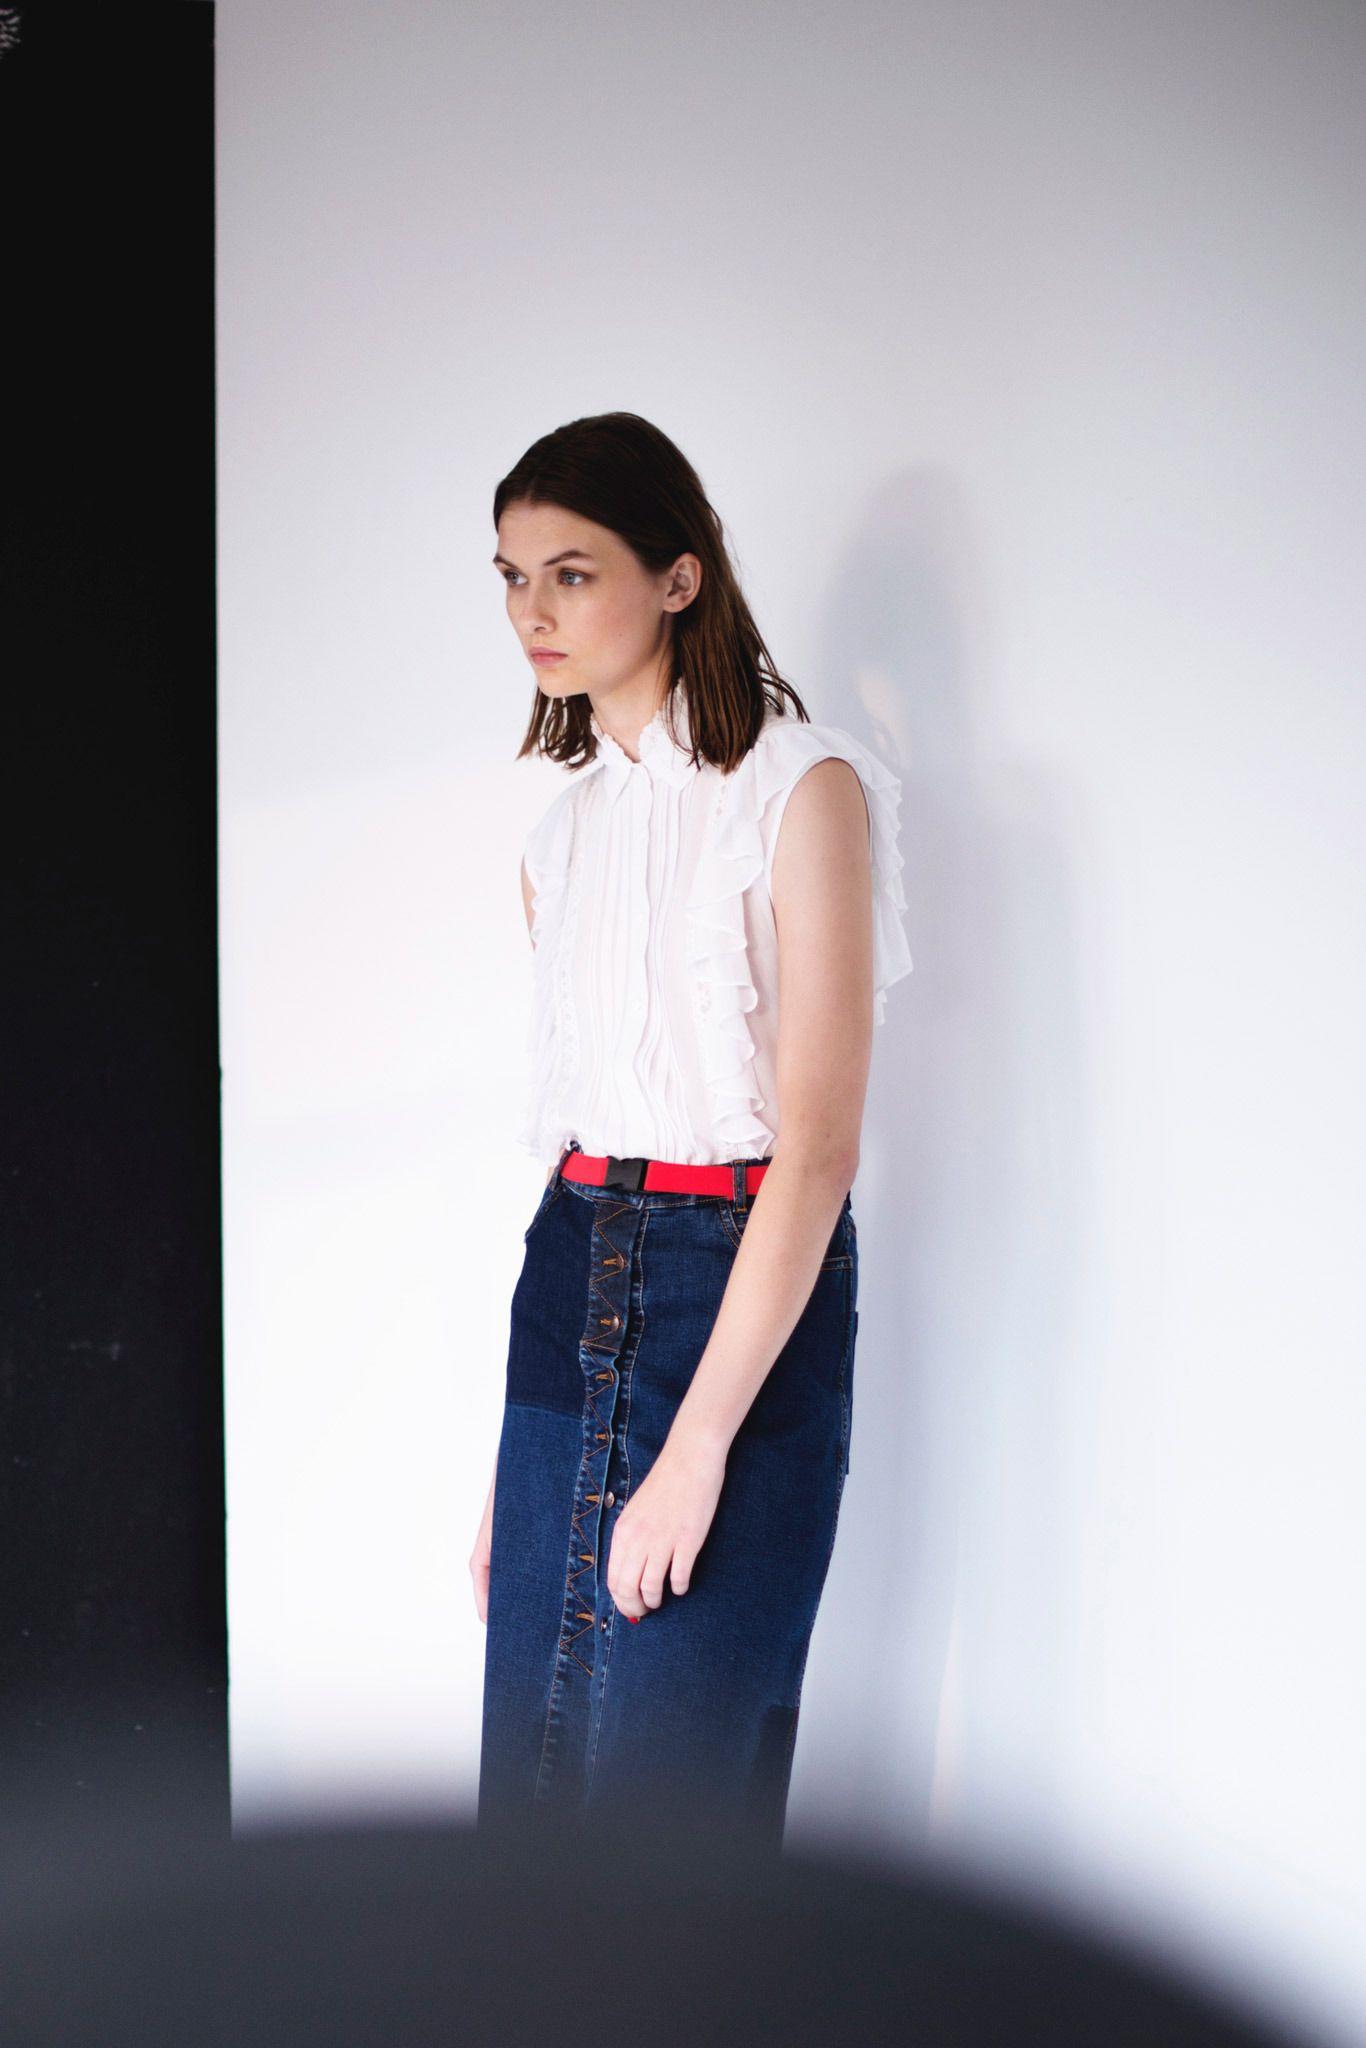 Модная одежда из джинсовой ткани